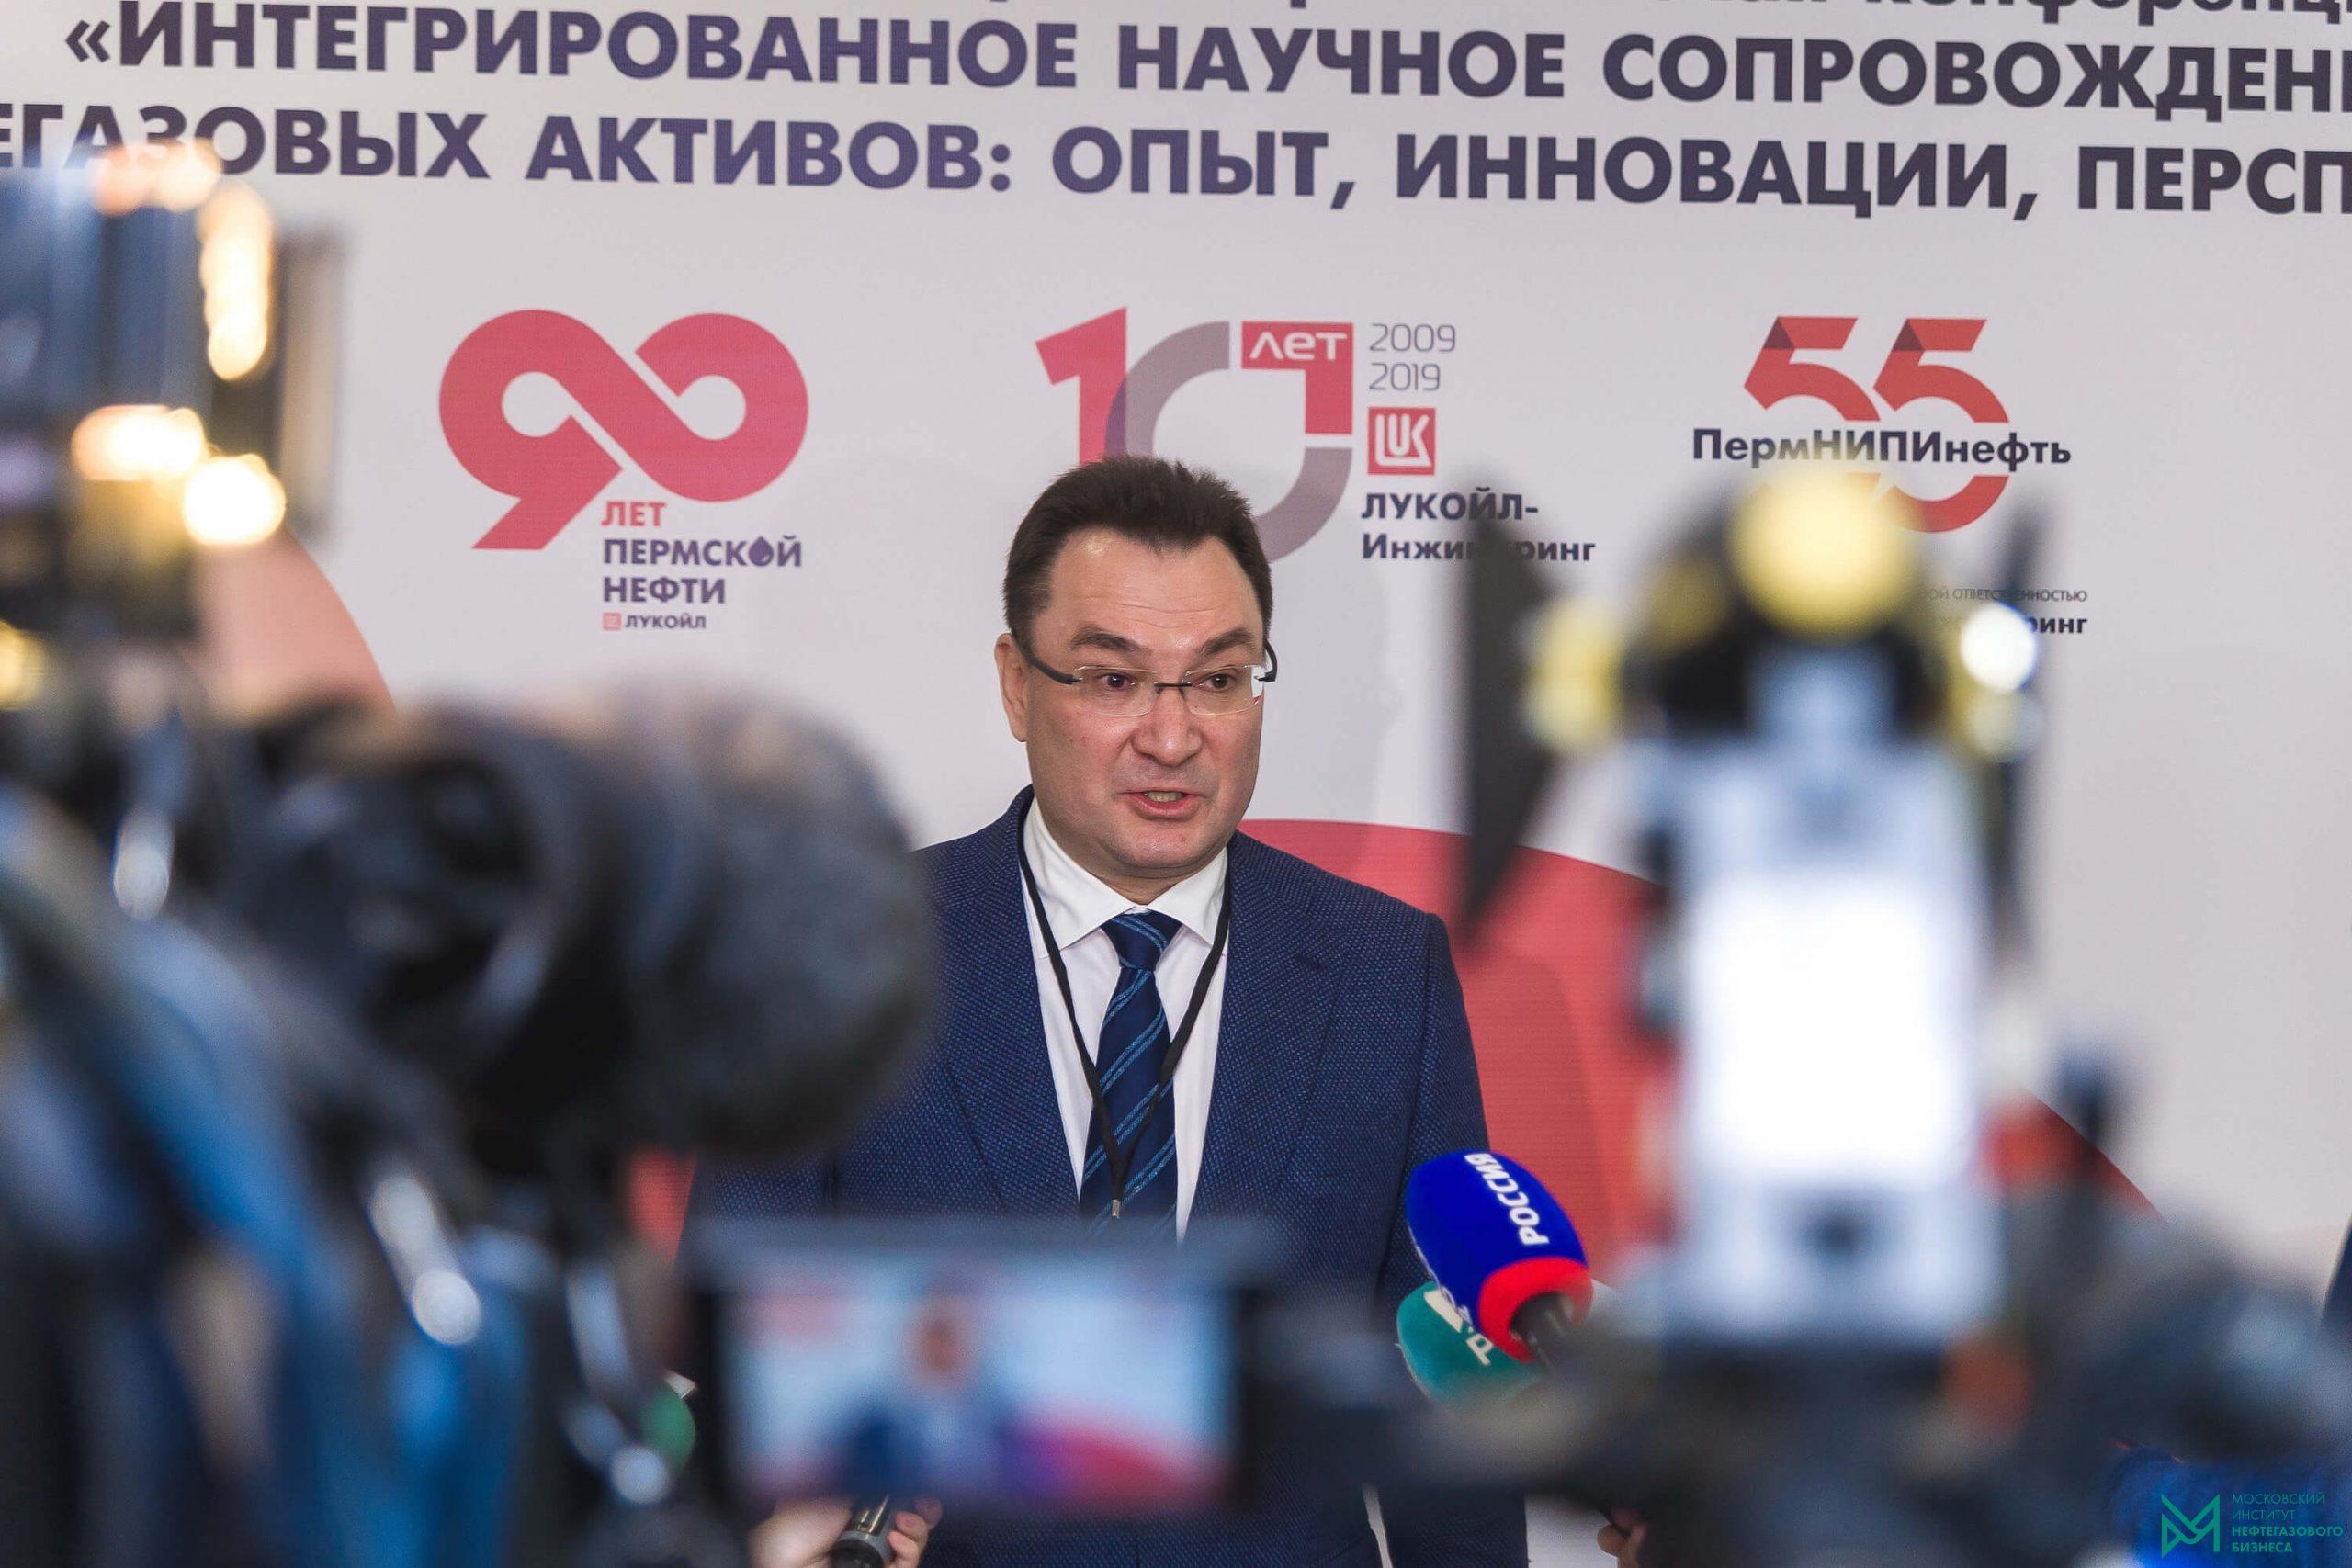 Выступление Р.Р. Шагиева на конференции Интегрированное научное сопровождение нефтегазовых активов